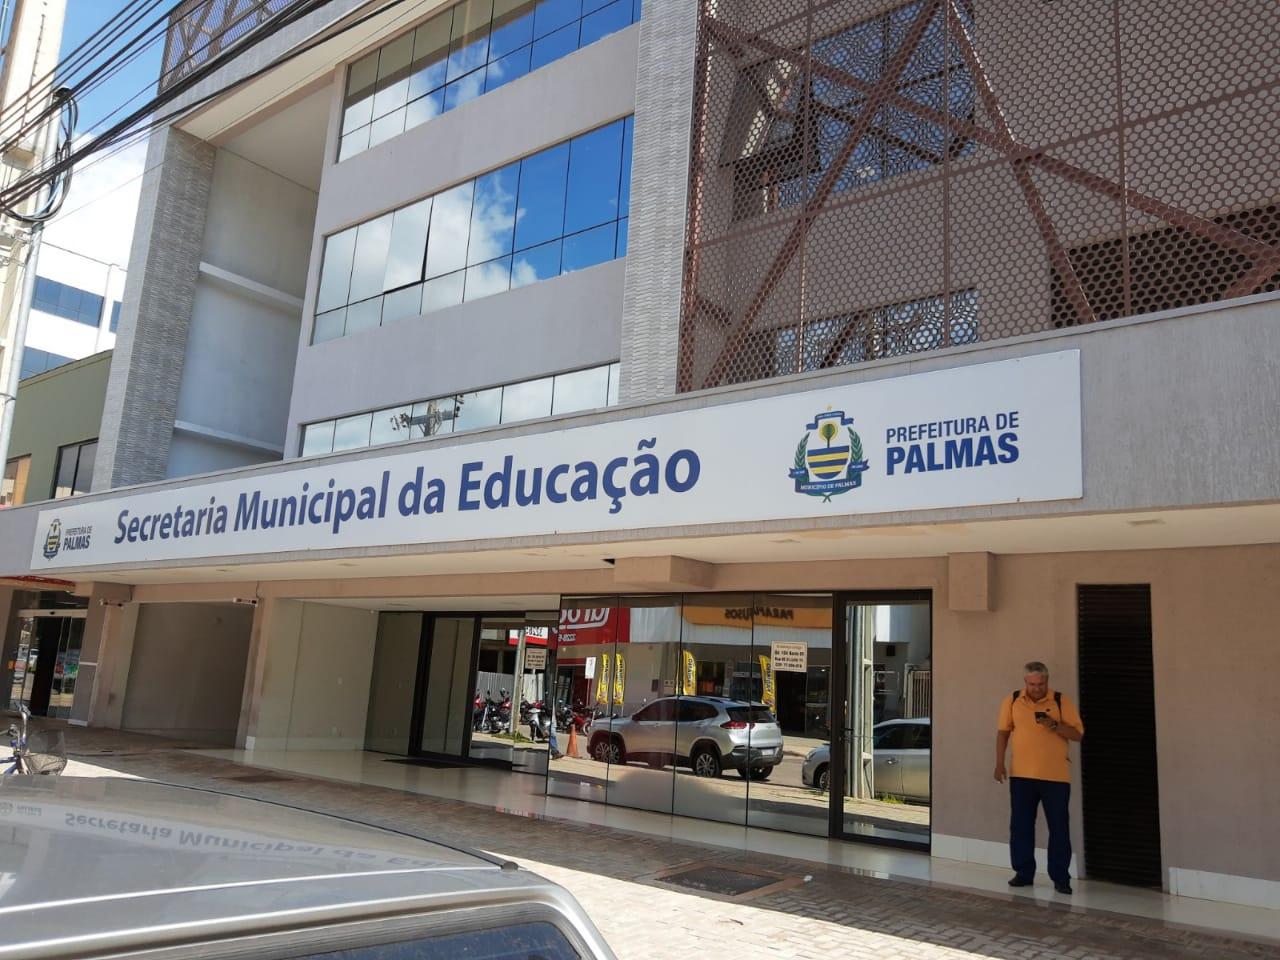 Crianças da Comunidade indígena venezuelana Warao passam a estudar na rede municipal de ensino de Palmas